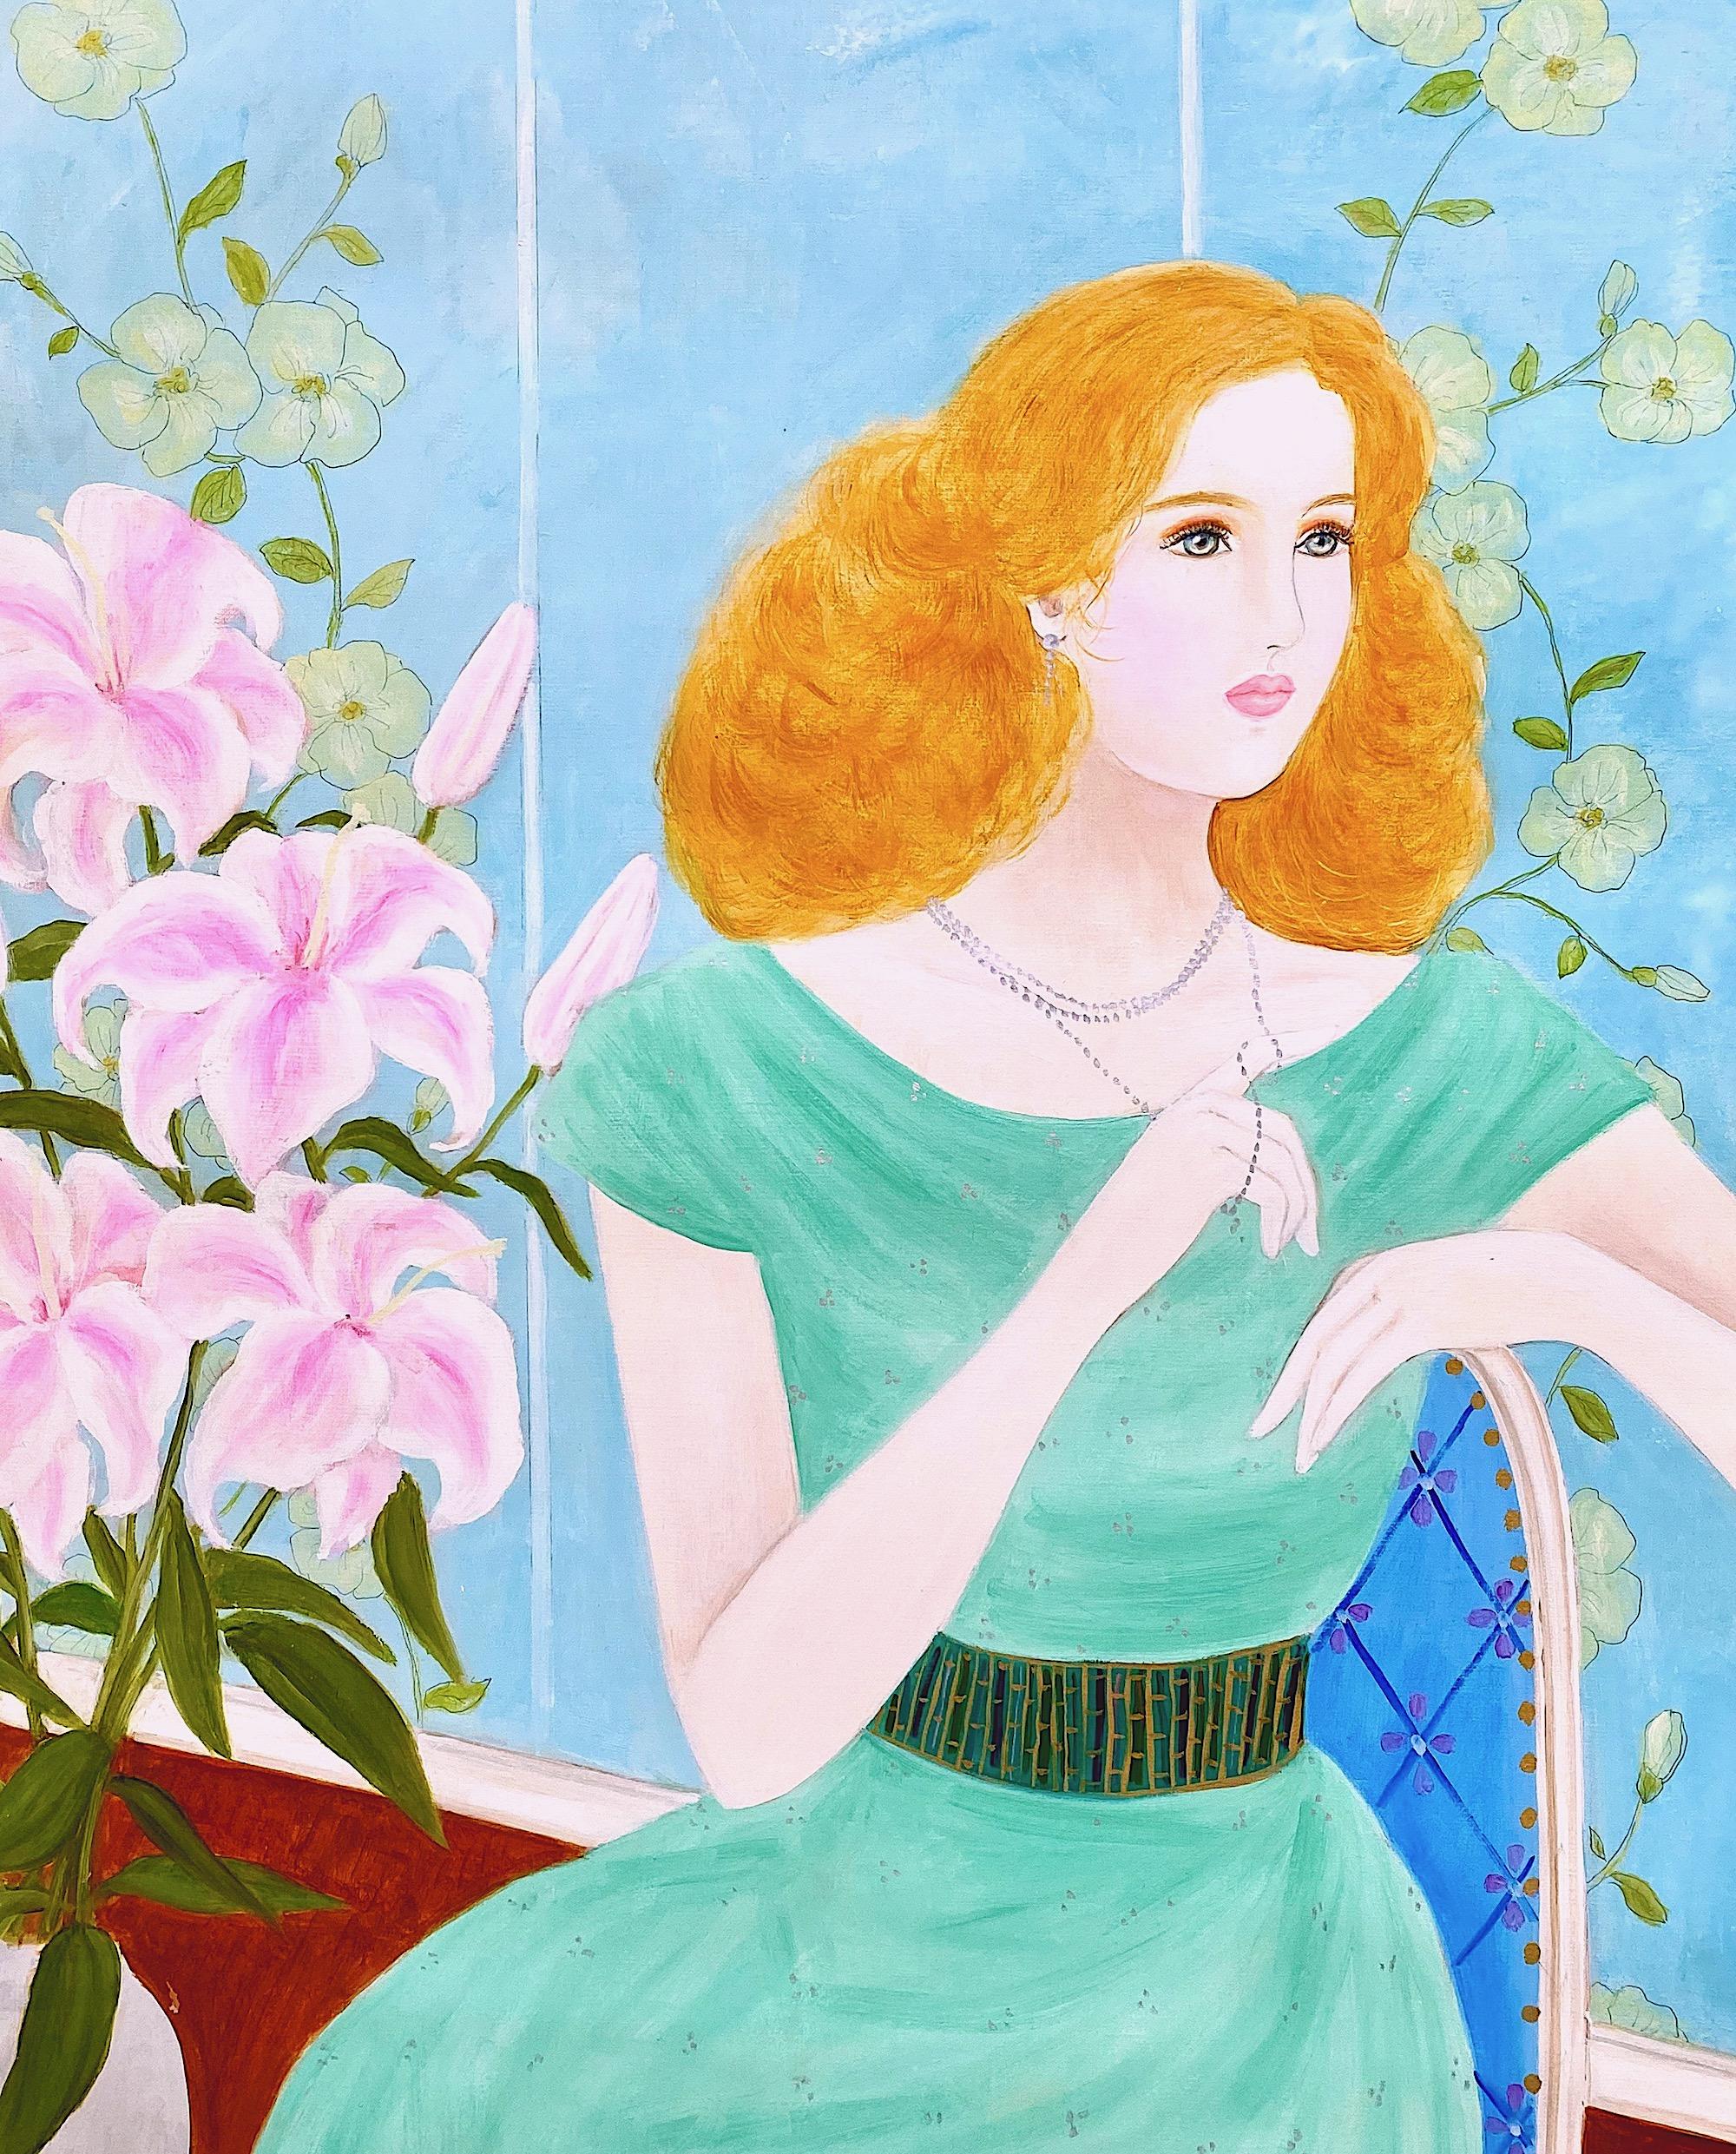 MAMI / Images et Poésie, Douceur Evanescente à l'Infini  comme l'air que l'on respire